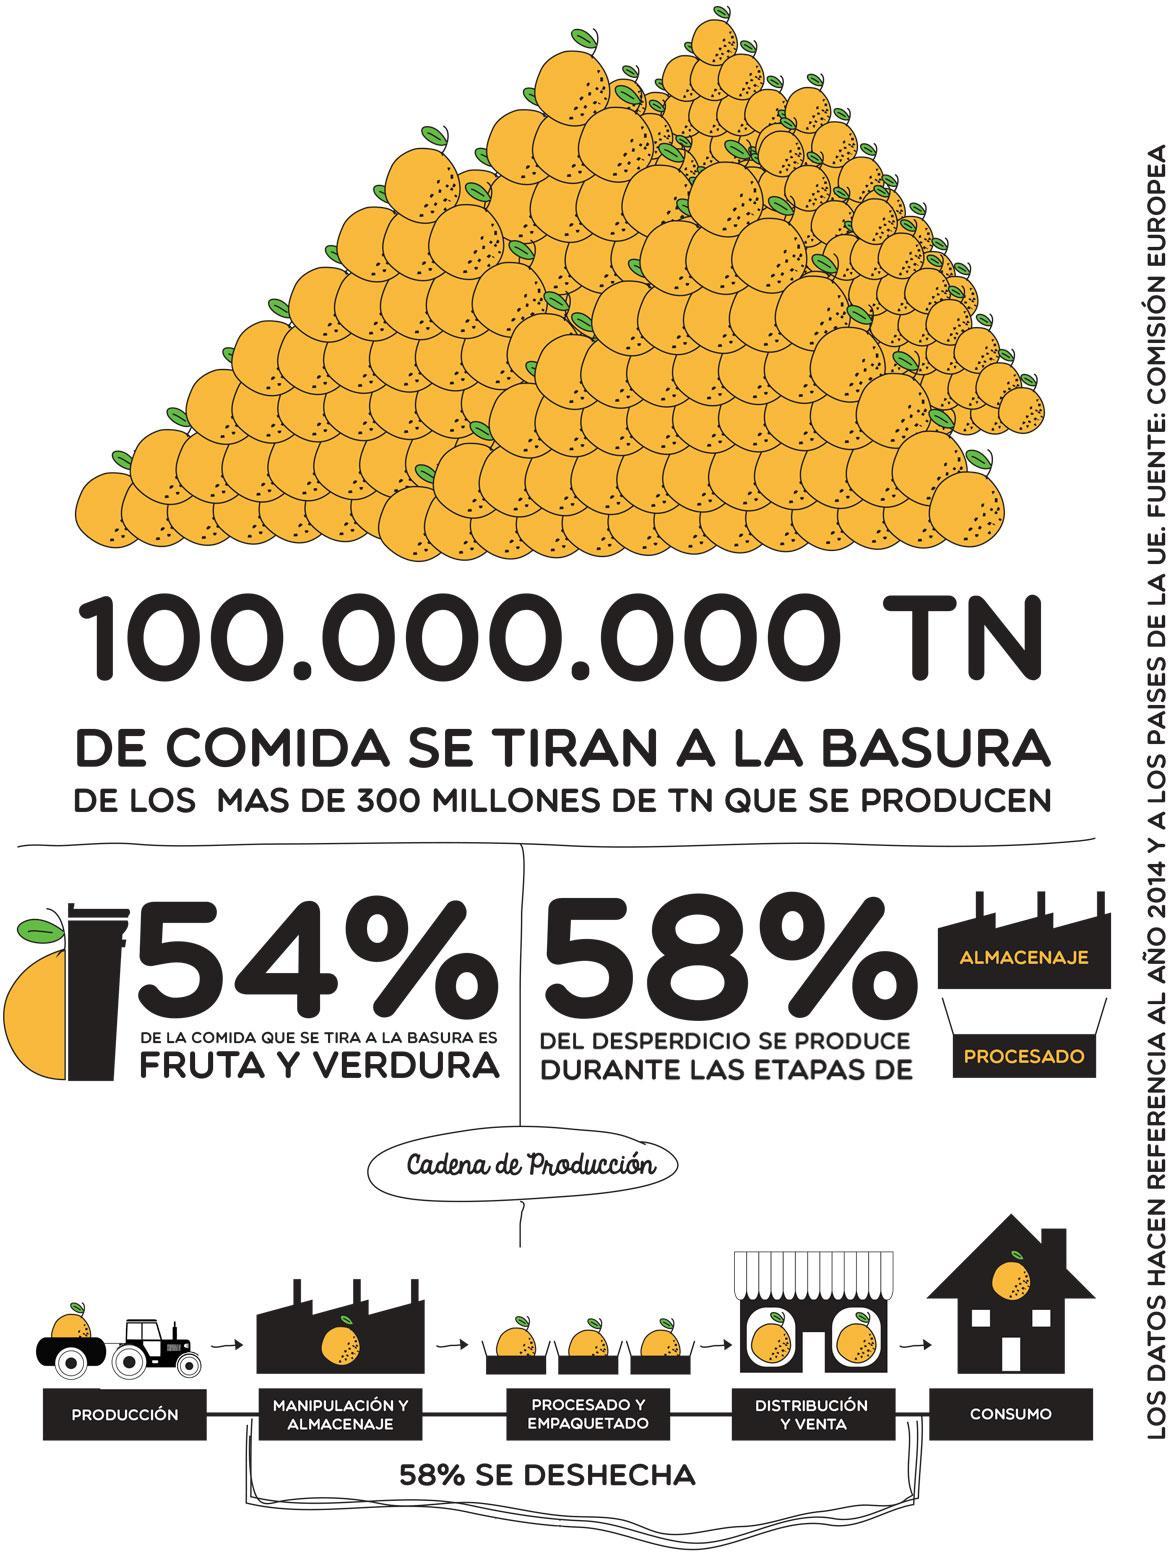 100.000.000 TN de comida se tiran a la basura de los mas de 300 millones de TN de se producen, 54% de la comida que se tira a la basura es fruta y verdura, 58% del desperdicio se produce durante las etapas de almacenaje y procesado.